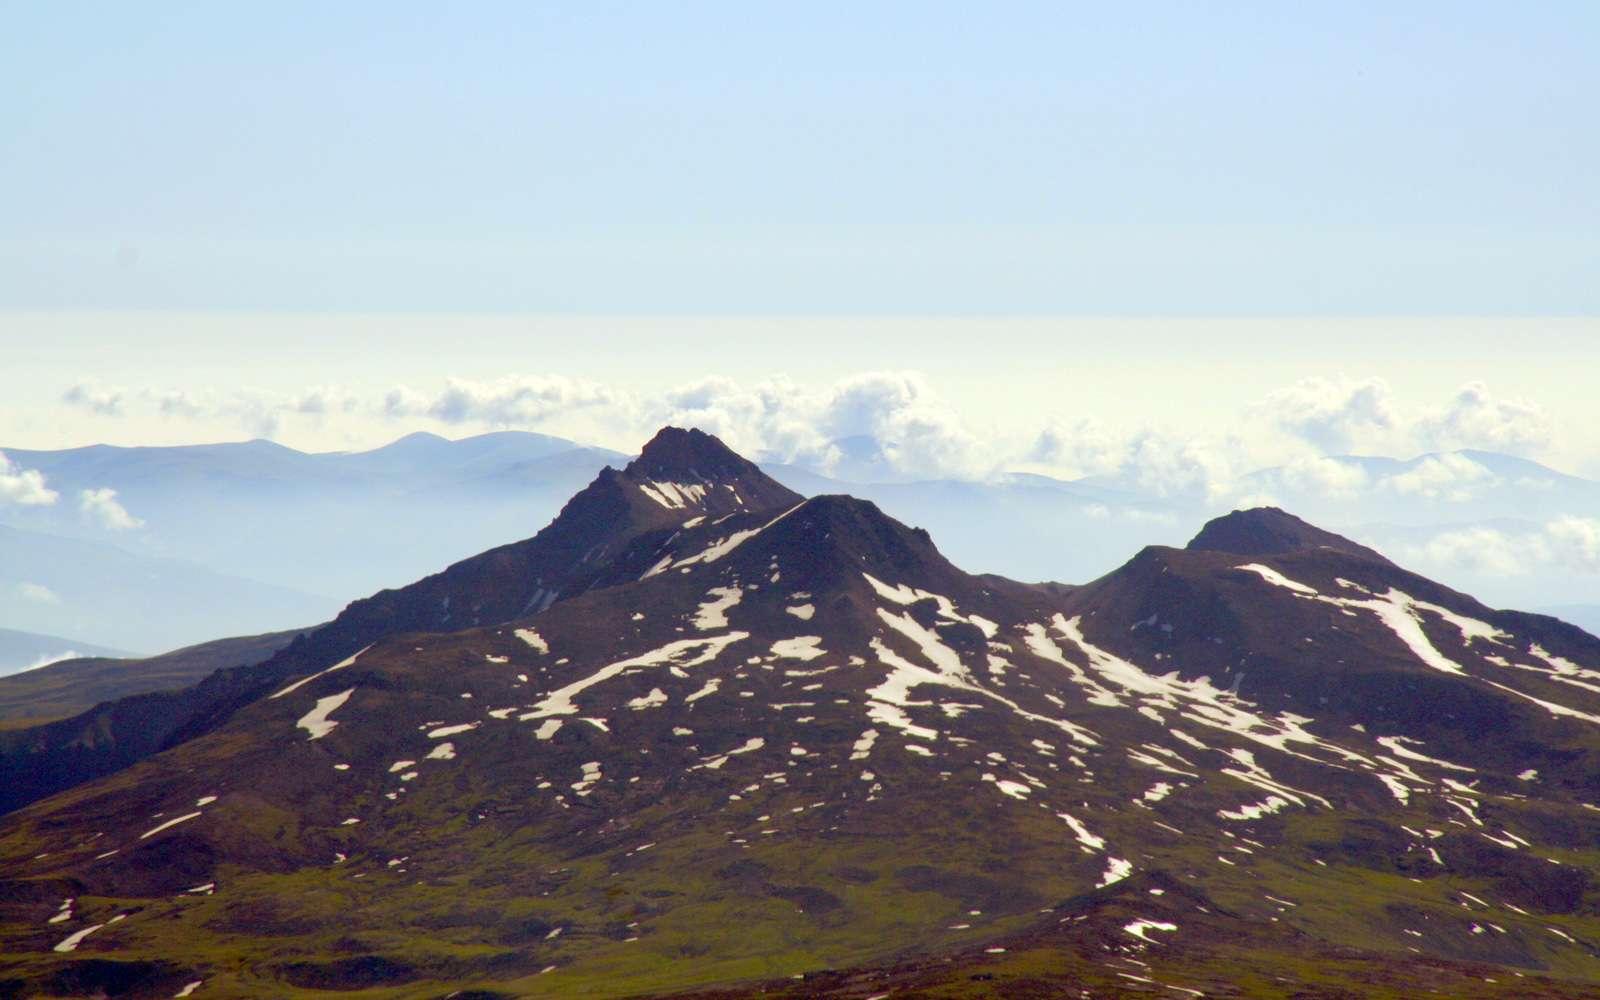 Le mont Aragats, point culminant de l'Arménie. © Bouarf, CC by-sa 3.0